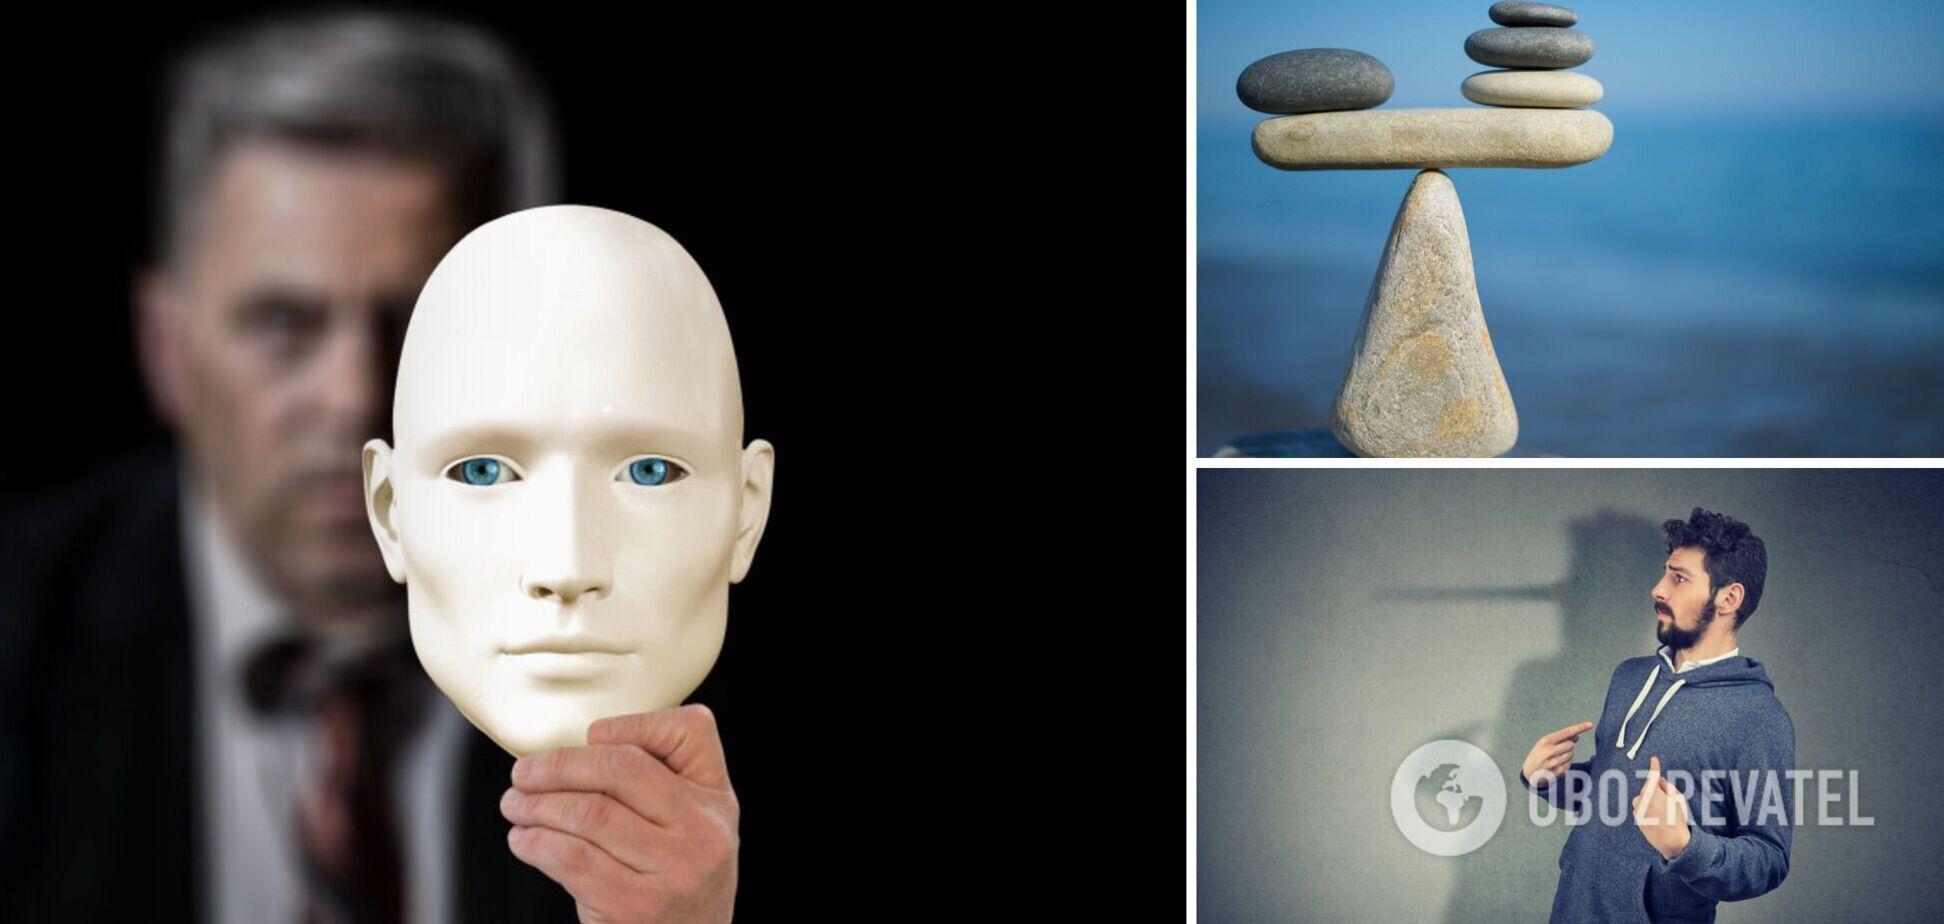 Шість знаків зодіаку з розвиненою інтуцією: знають відповіді на запитання і легко розпізнають обман